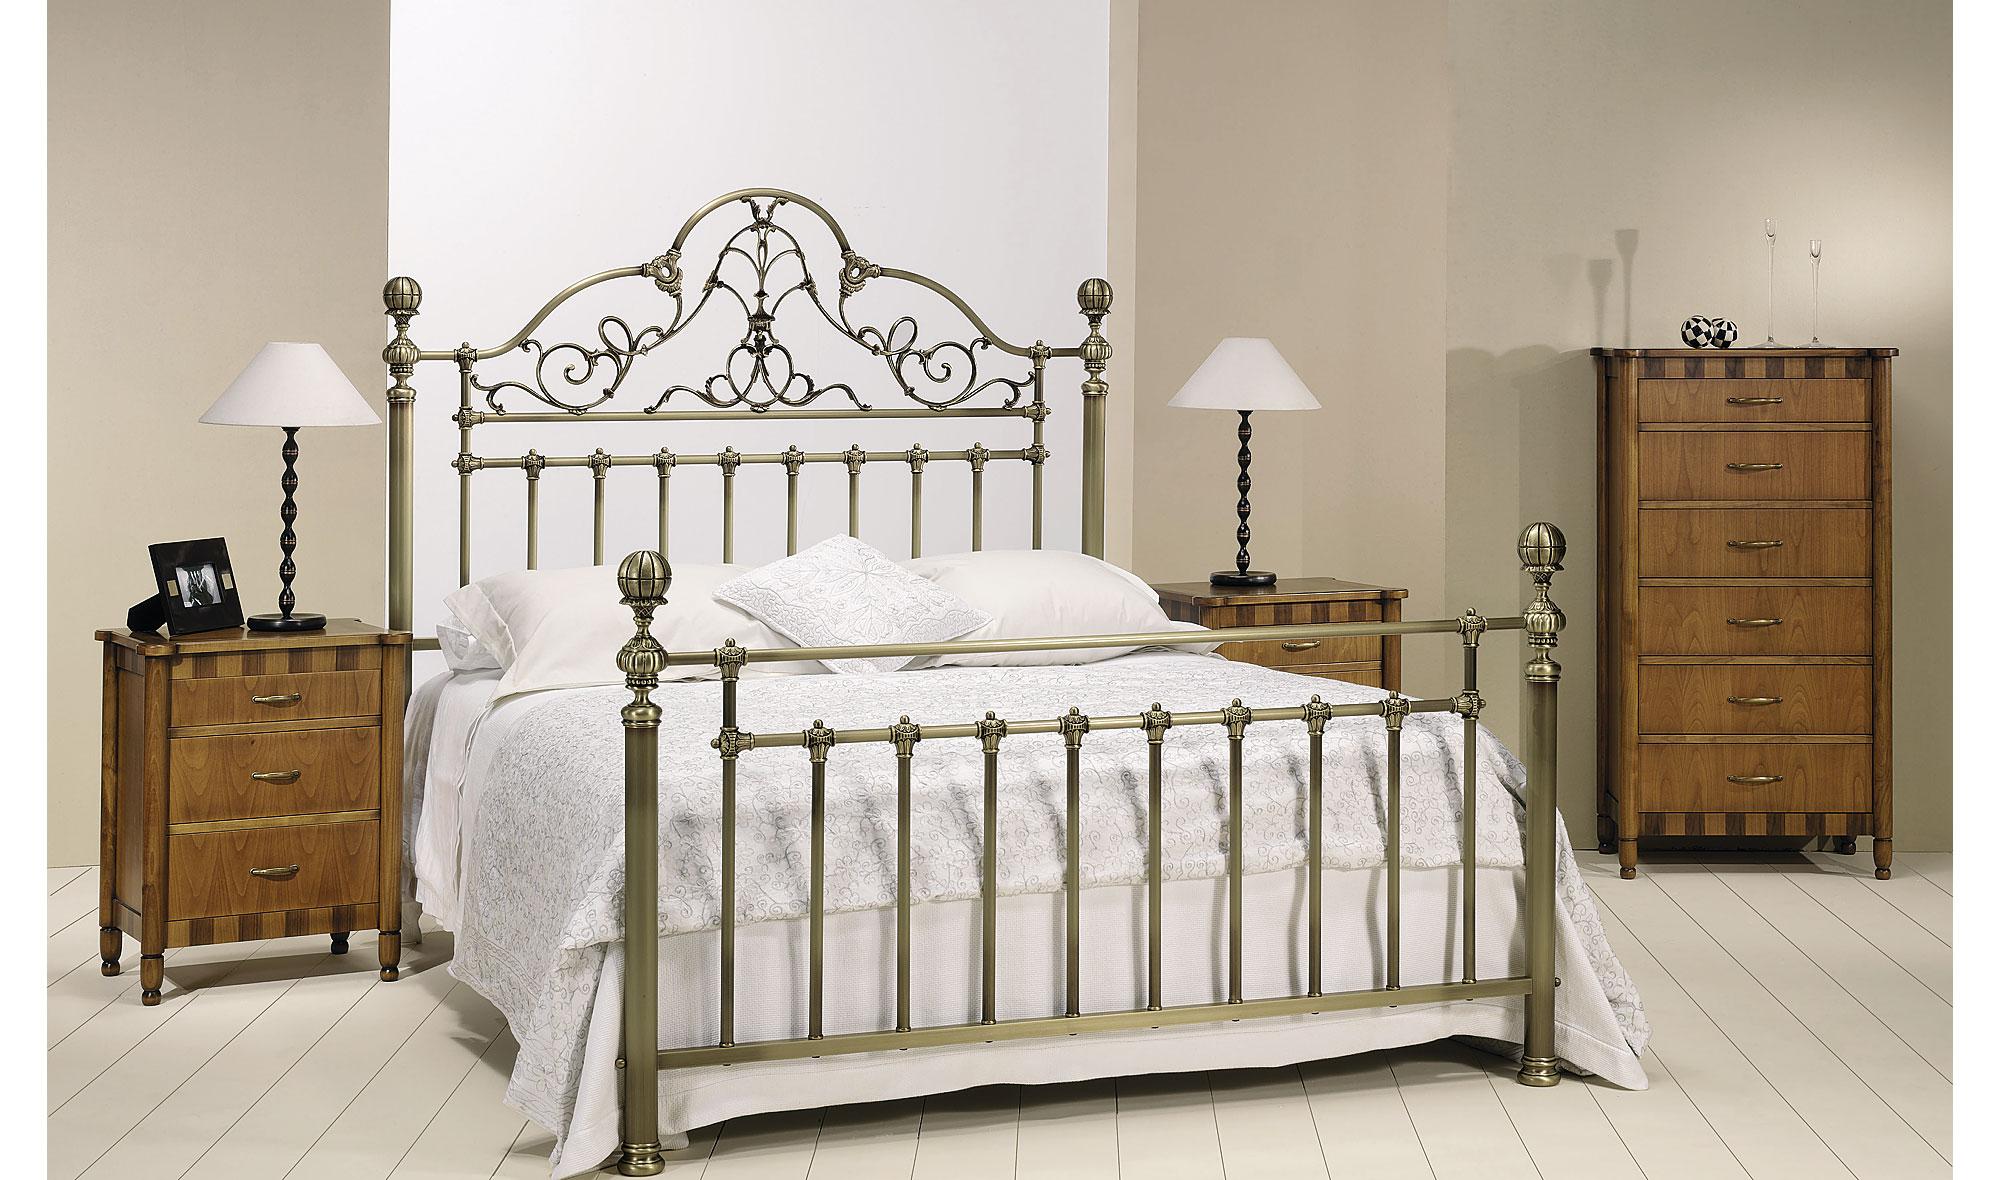 Dormitorio forja cristina en Muebles dormitorio